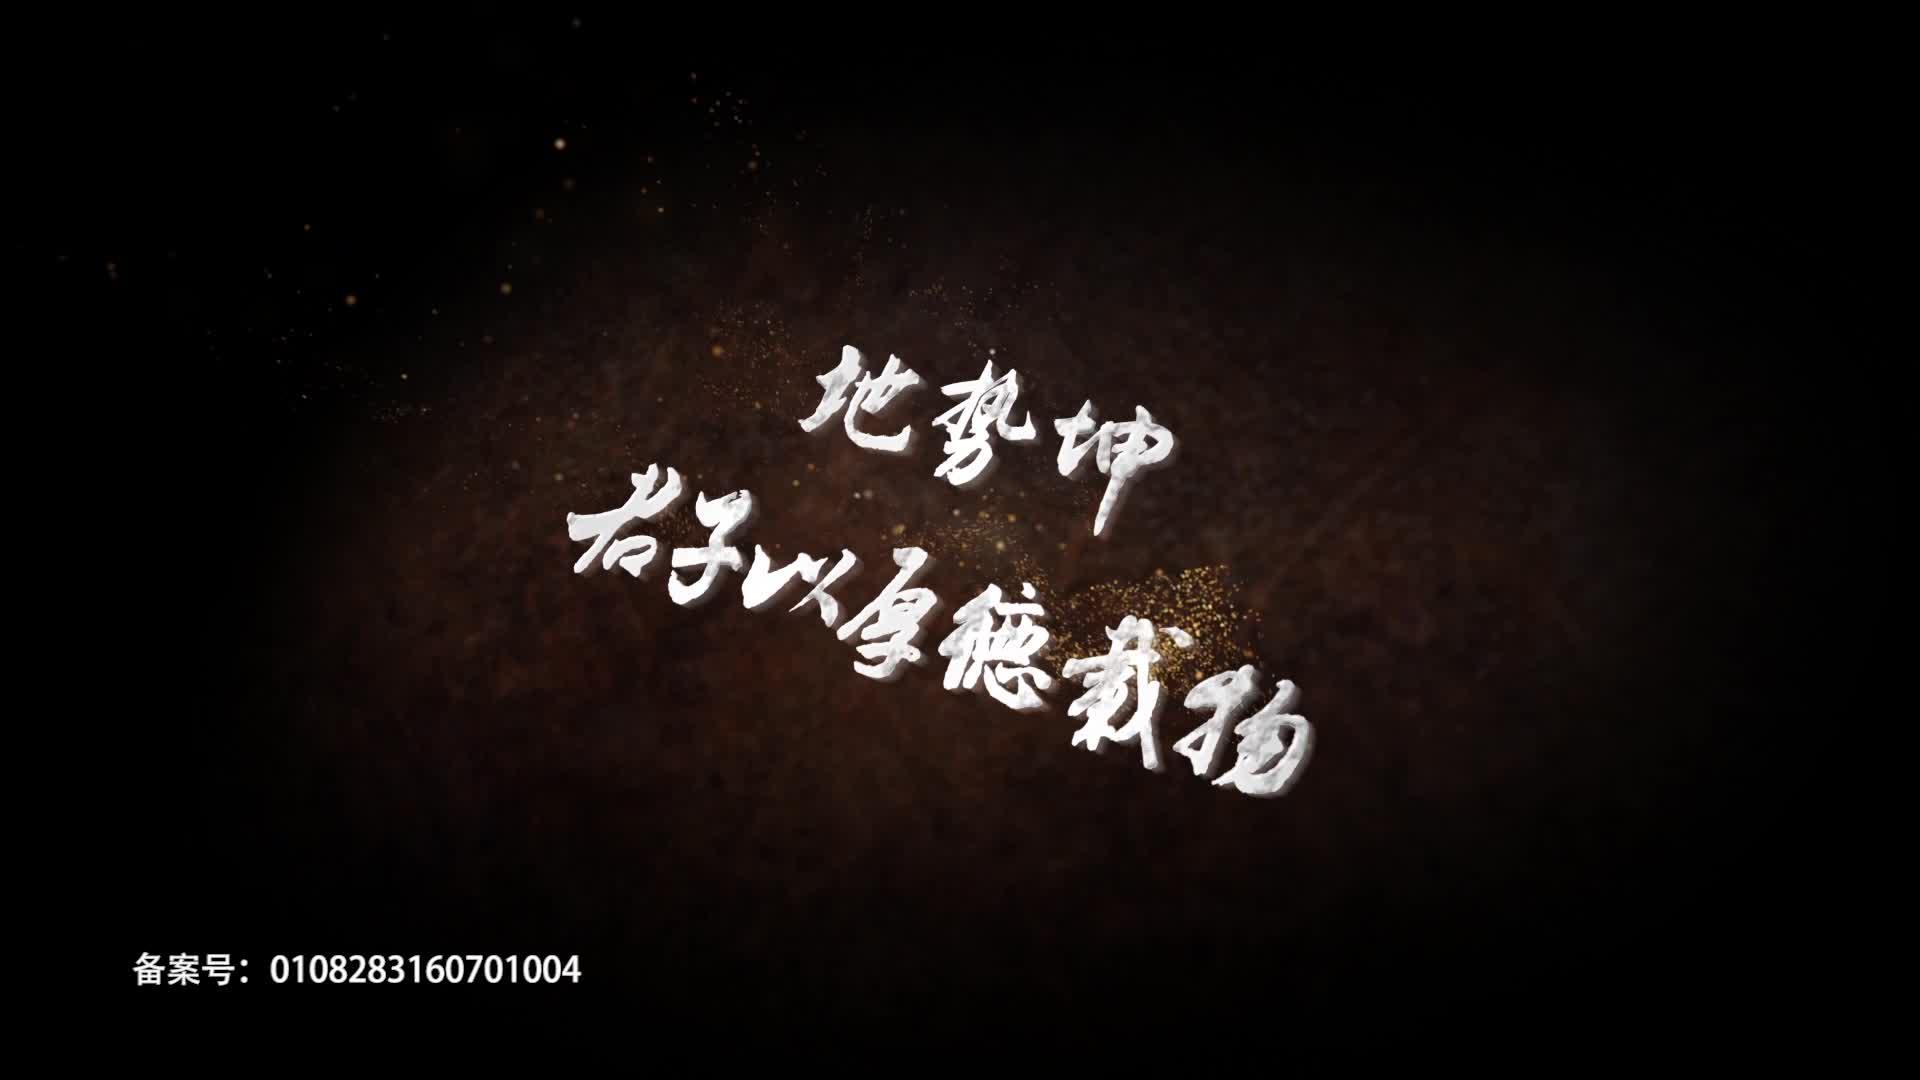 """绽放:葫芦上的奇迹 雕刻大师绽放""""中国梦"""" 05"""